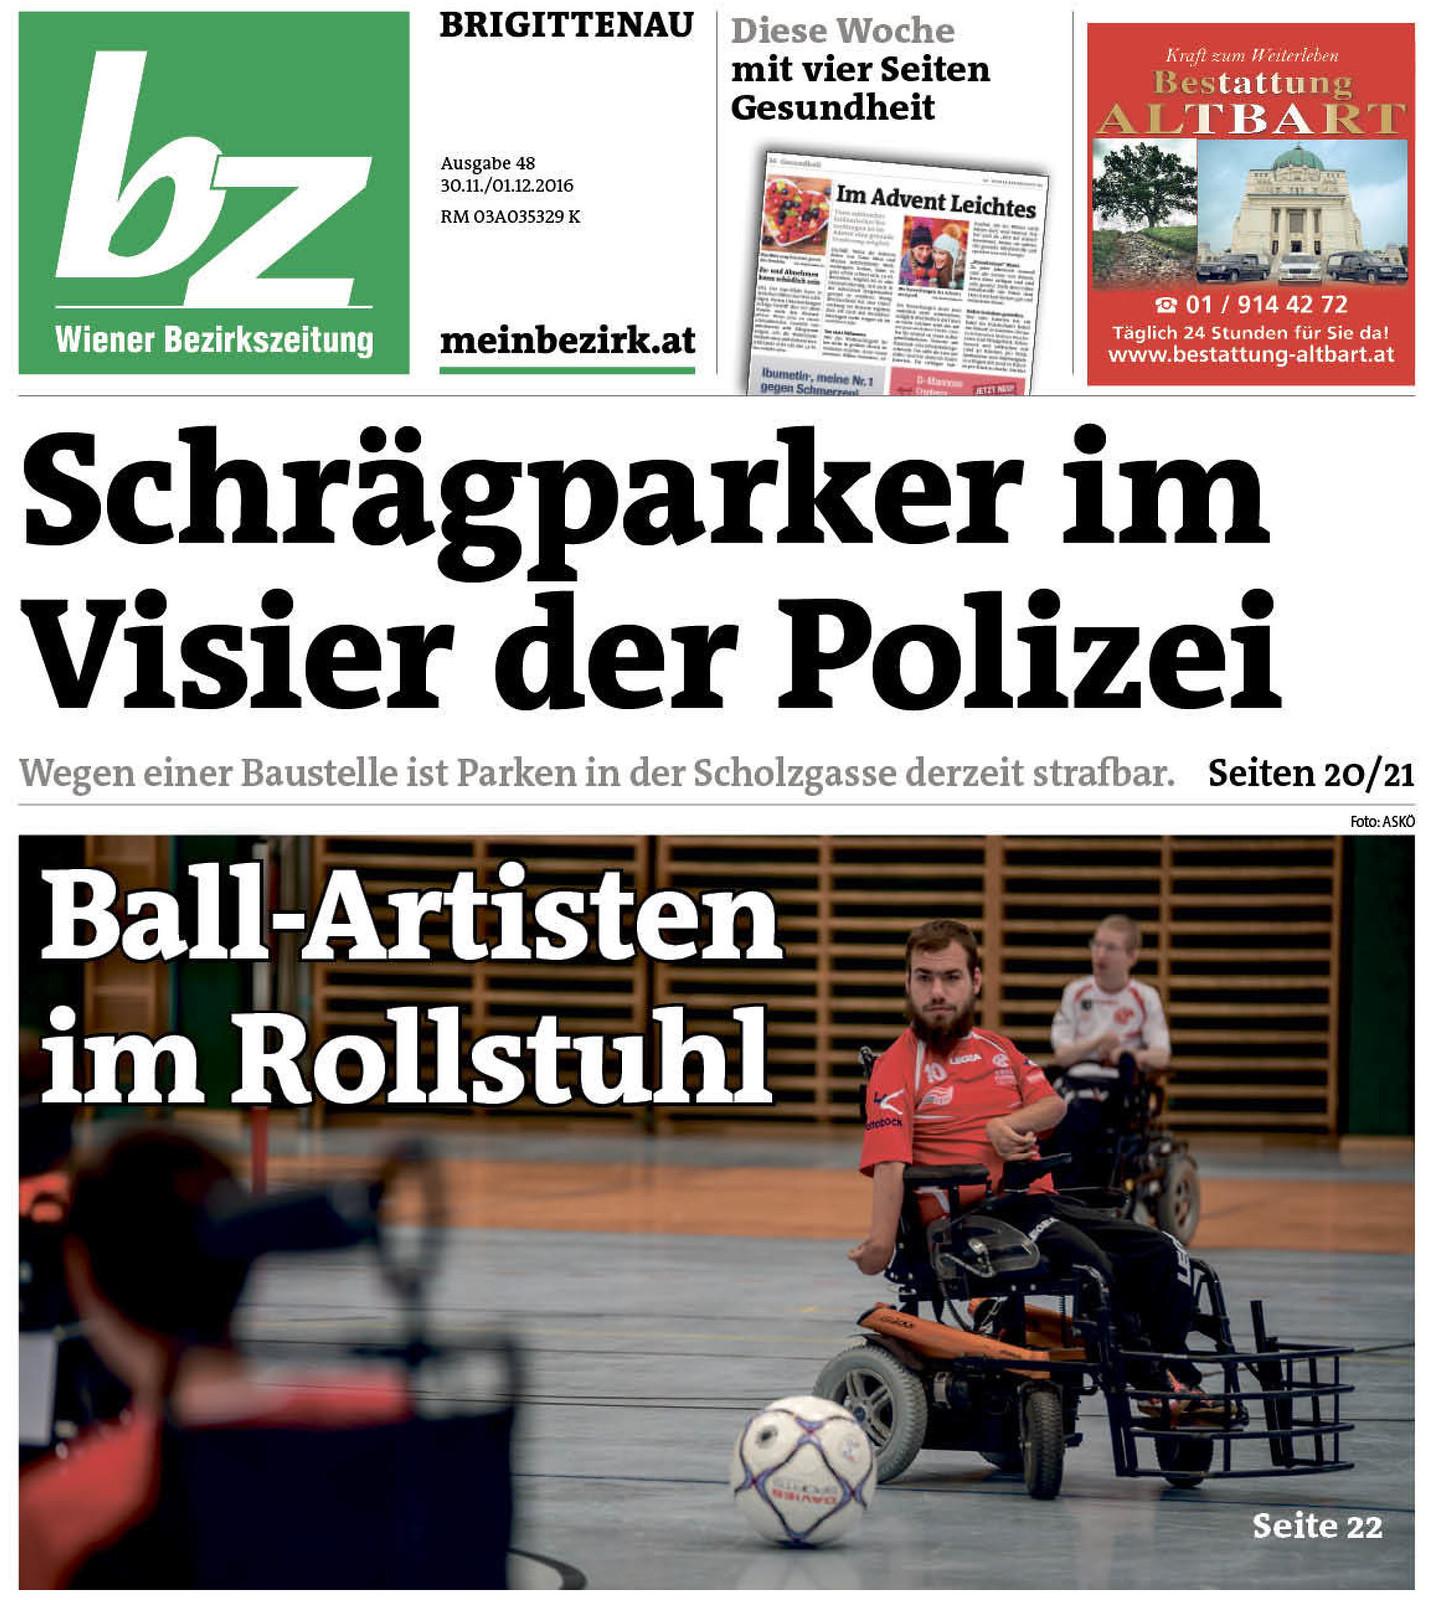 Titelseite Wiener Bezirkszeitung Brgittenau